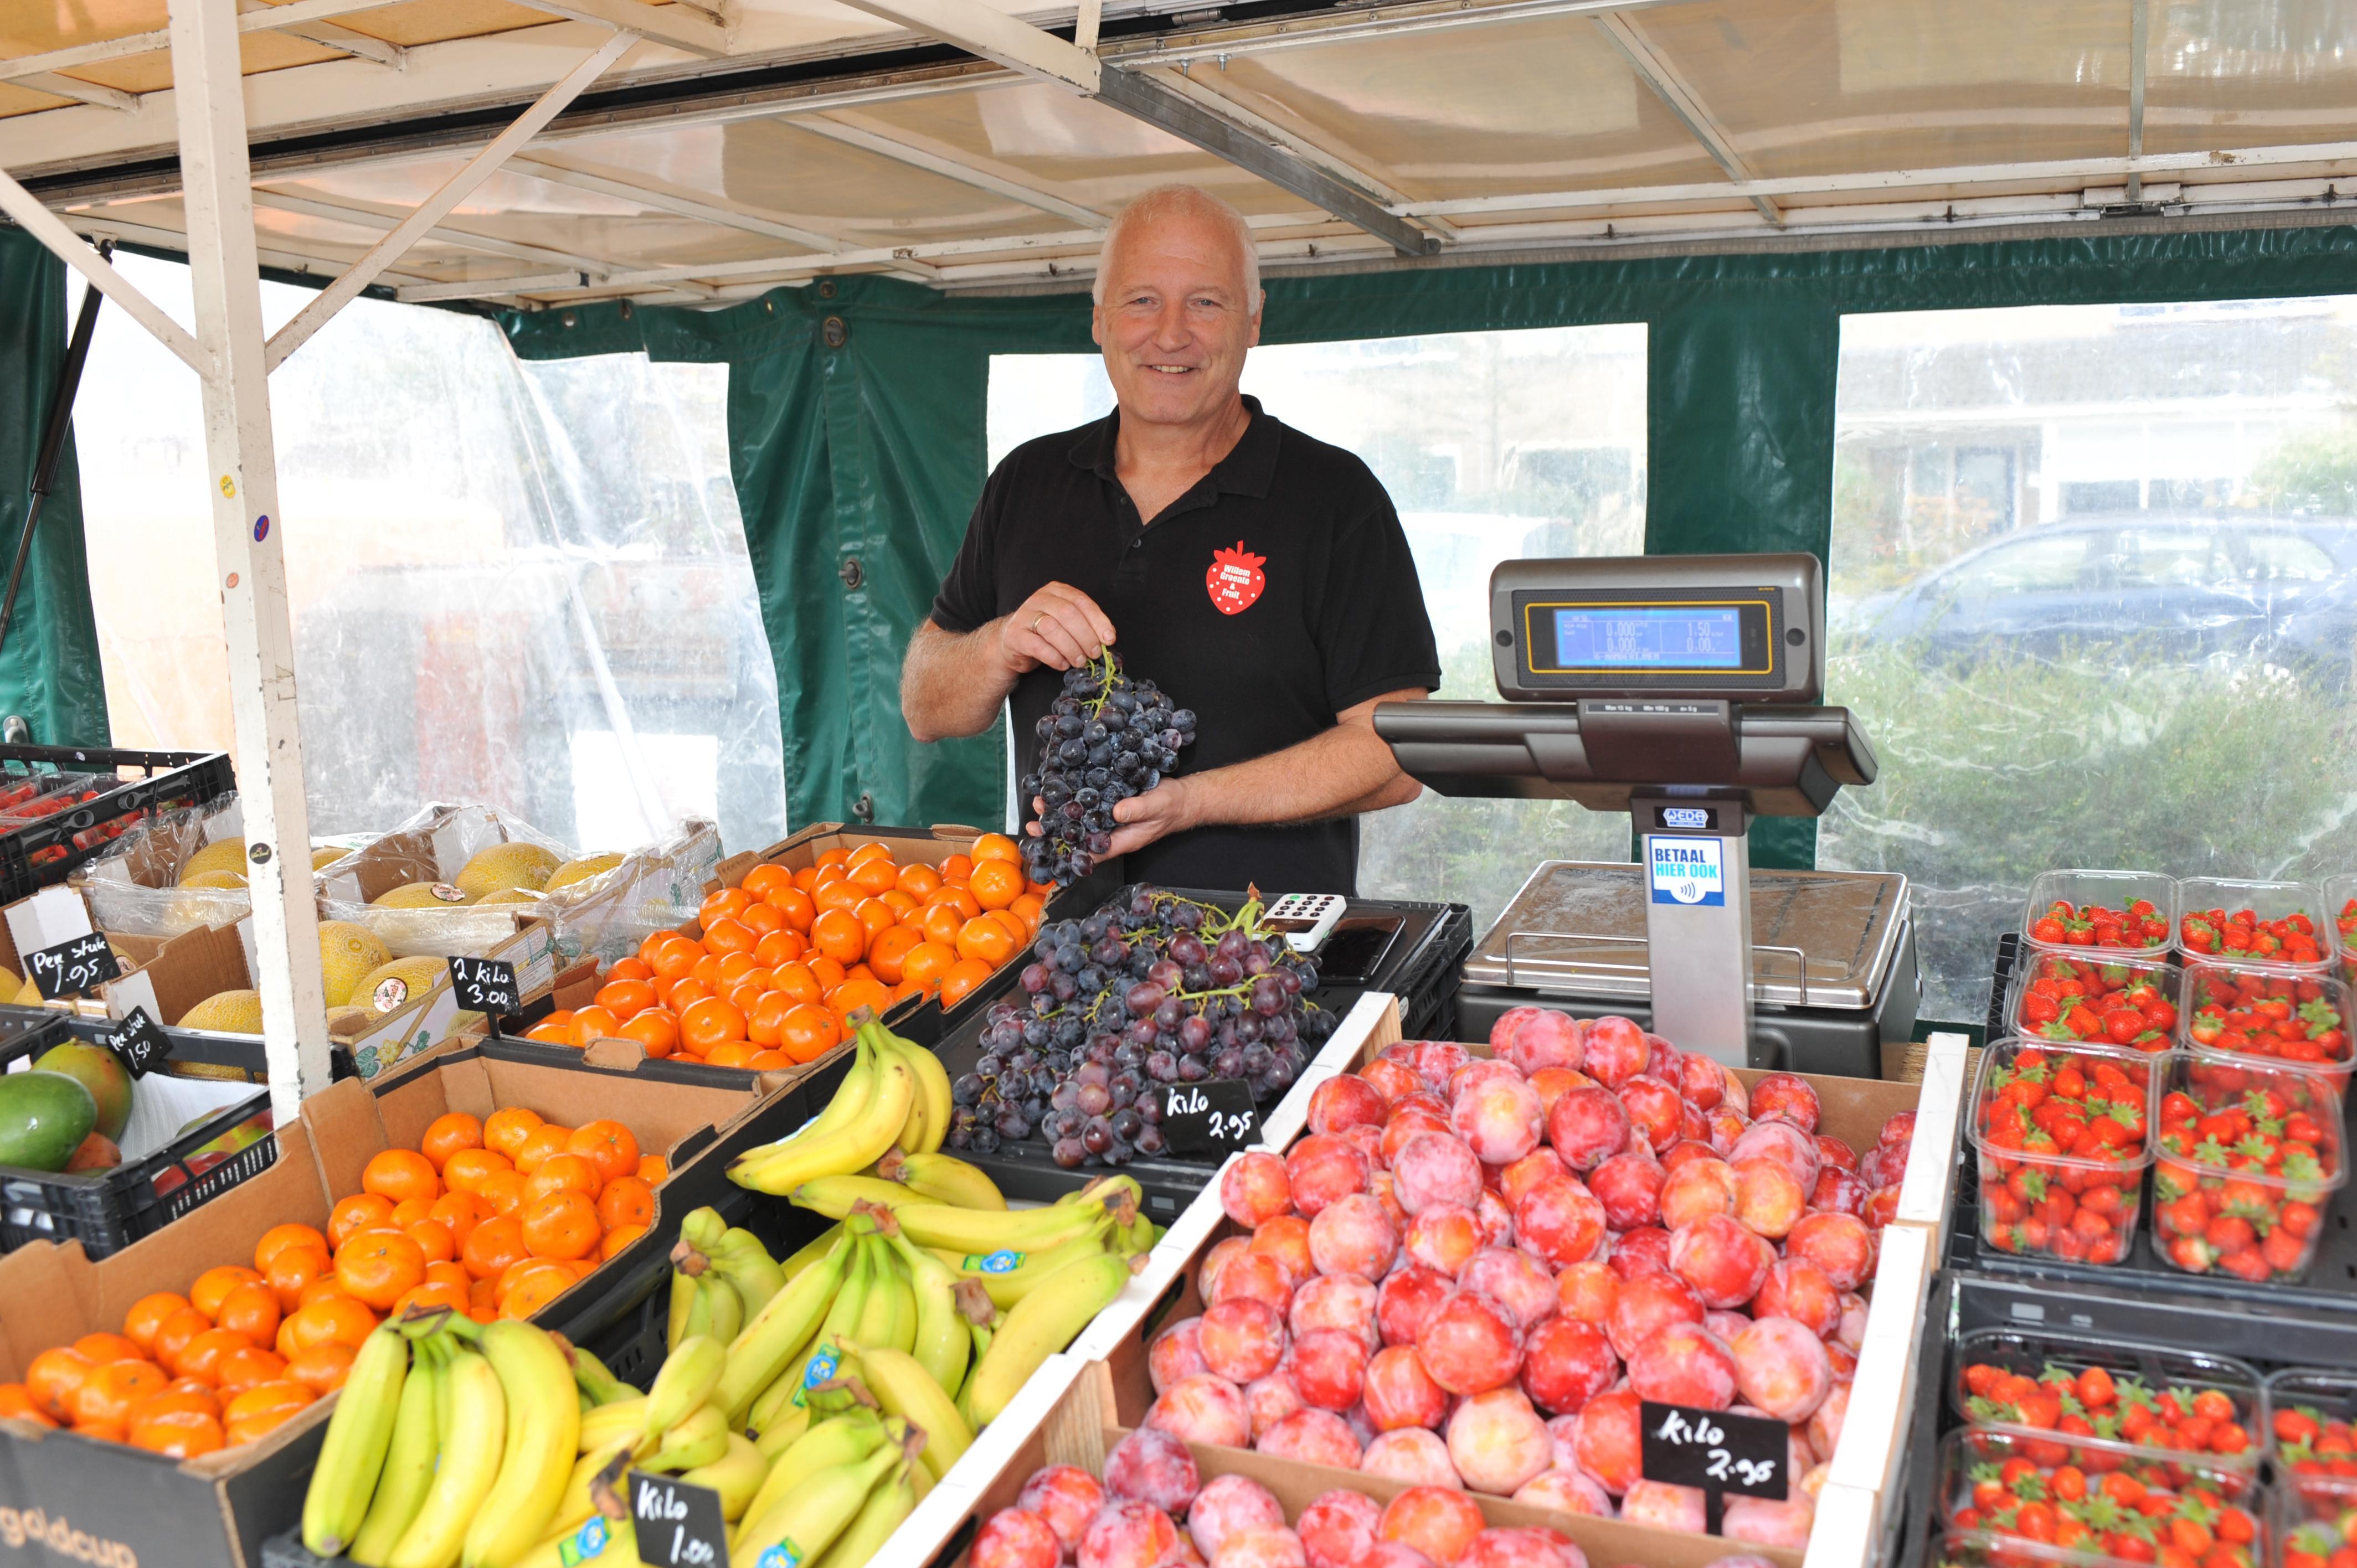 Willem van der Linden raakte door de coronacrisis zijn baan kwijt, maar ging niet zitten kniezen en startte zijn eigen groente- en fruitkraam in Uitgeest